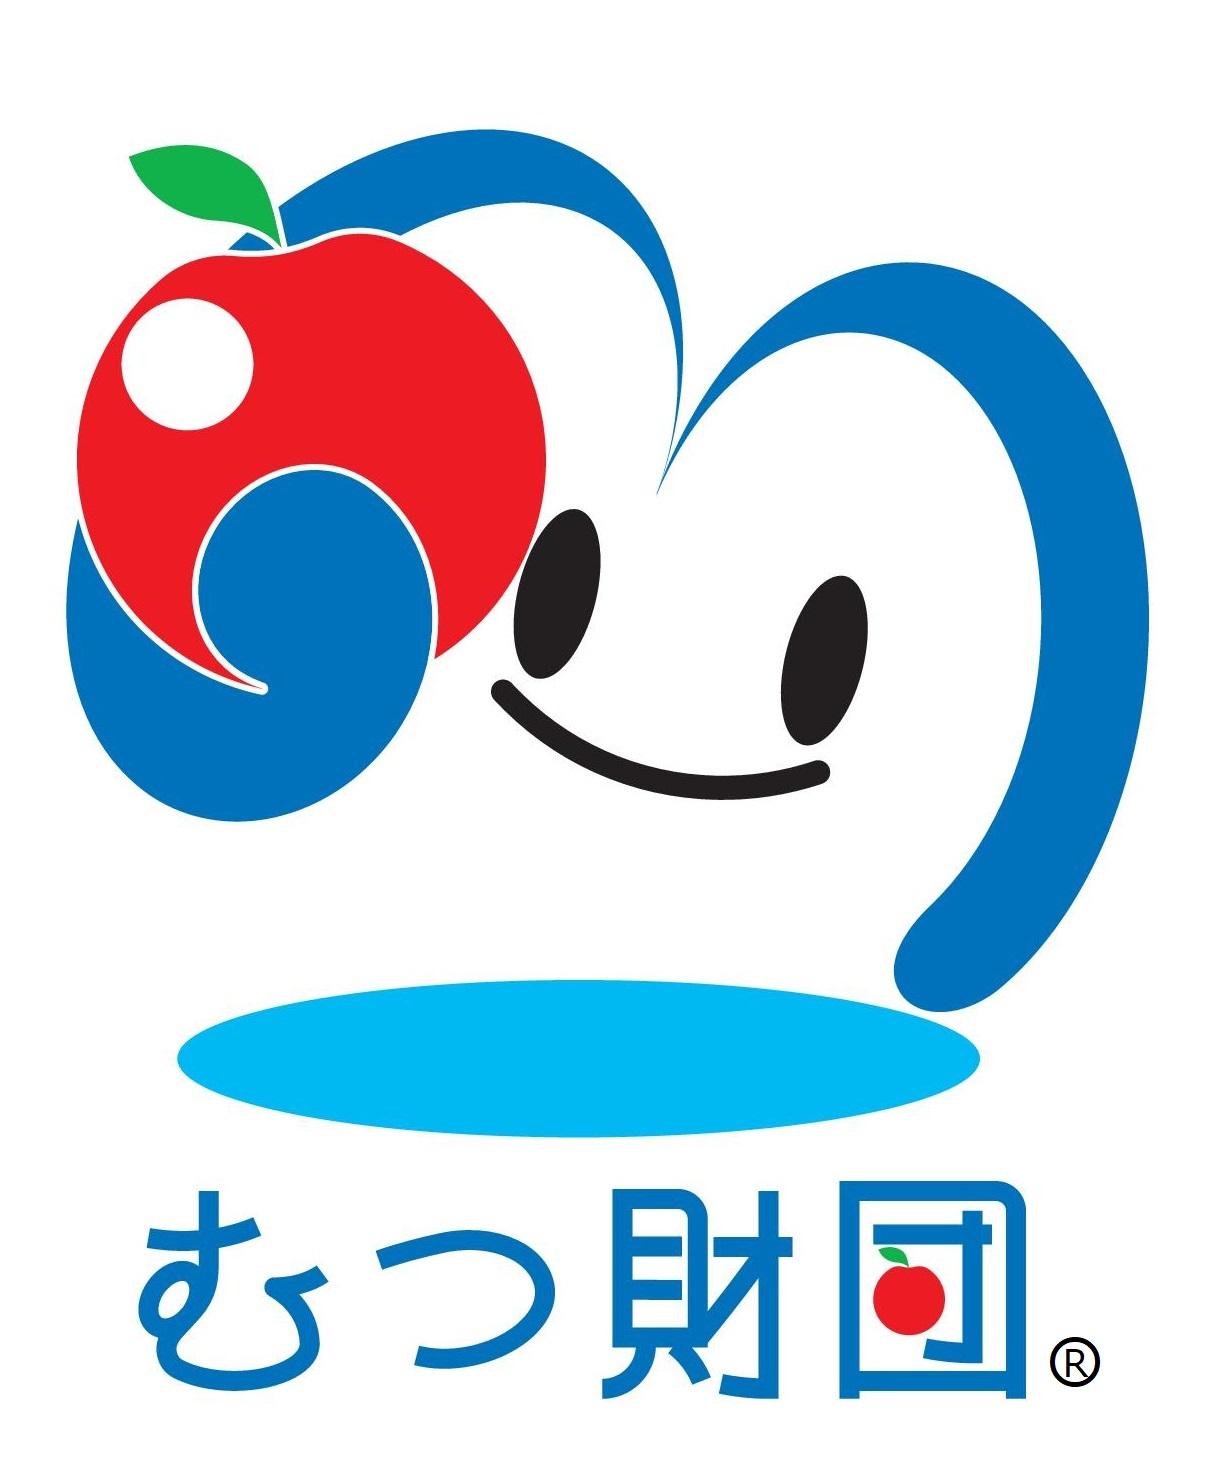 むつ小川原地域・産業振興財団の支援を受けて実施しています。